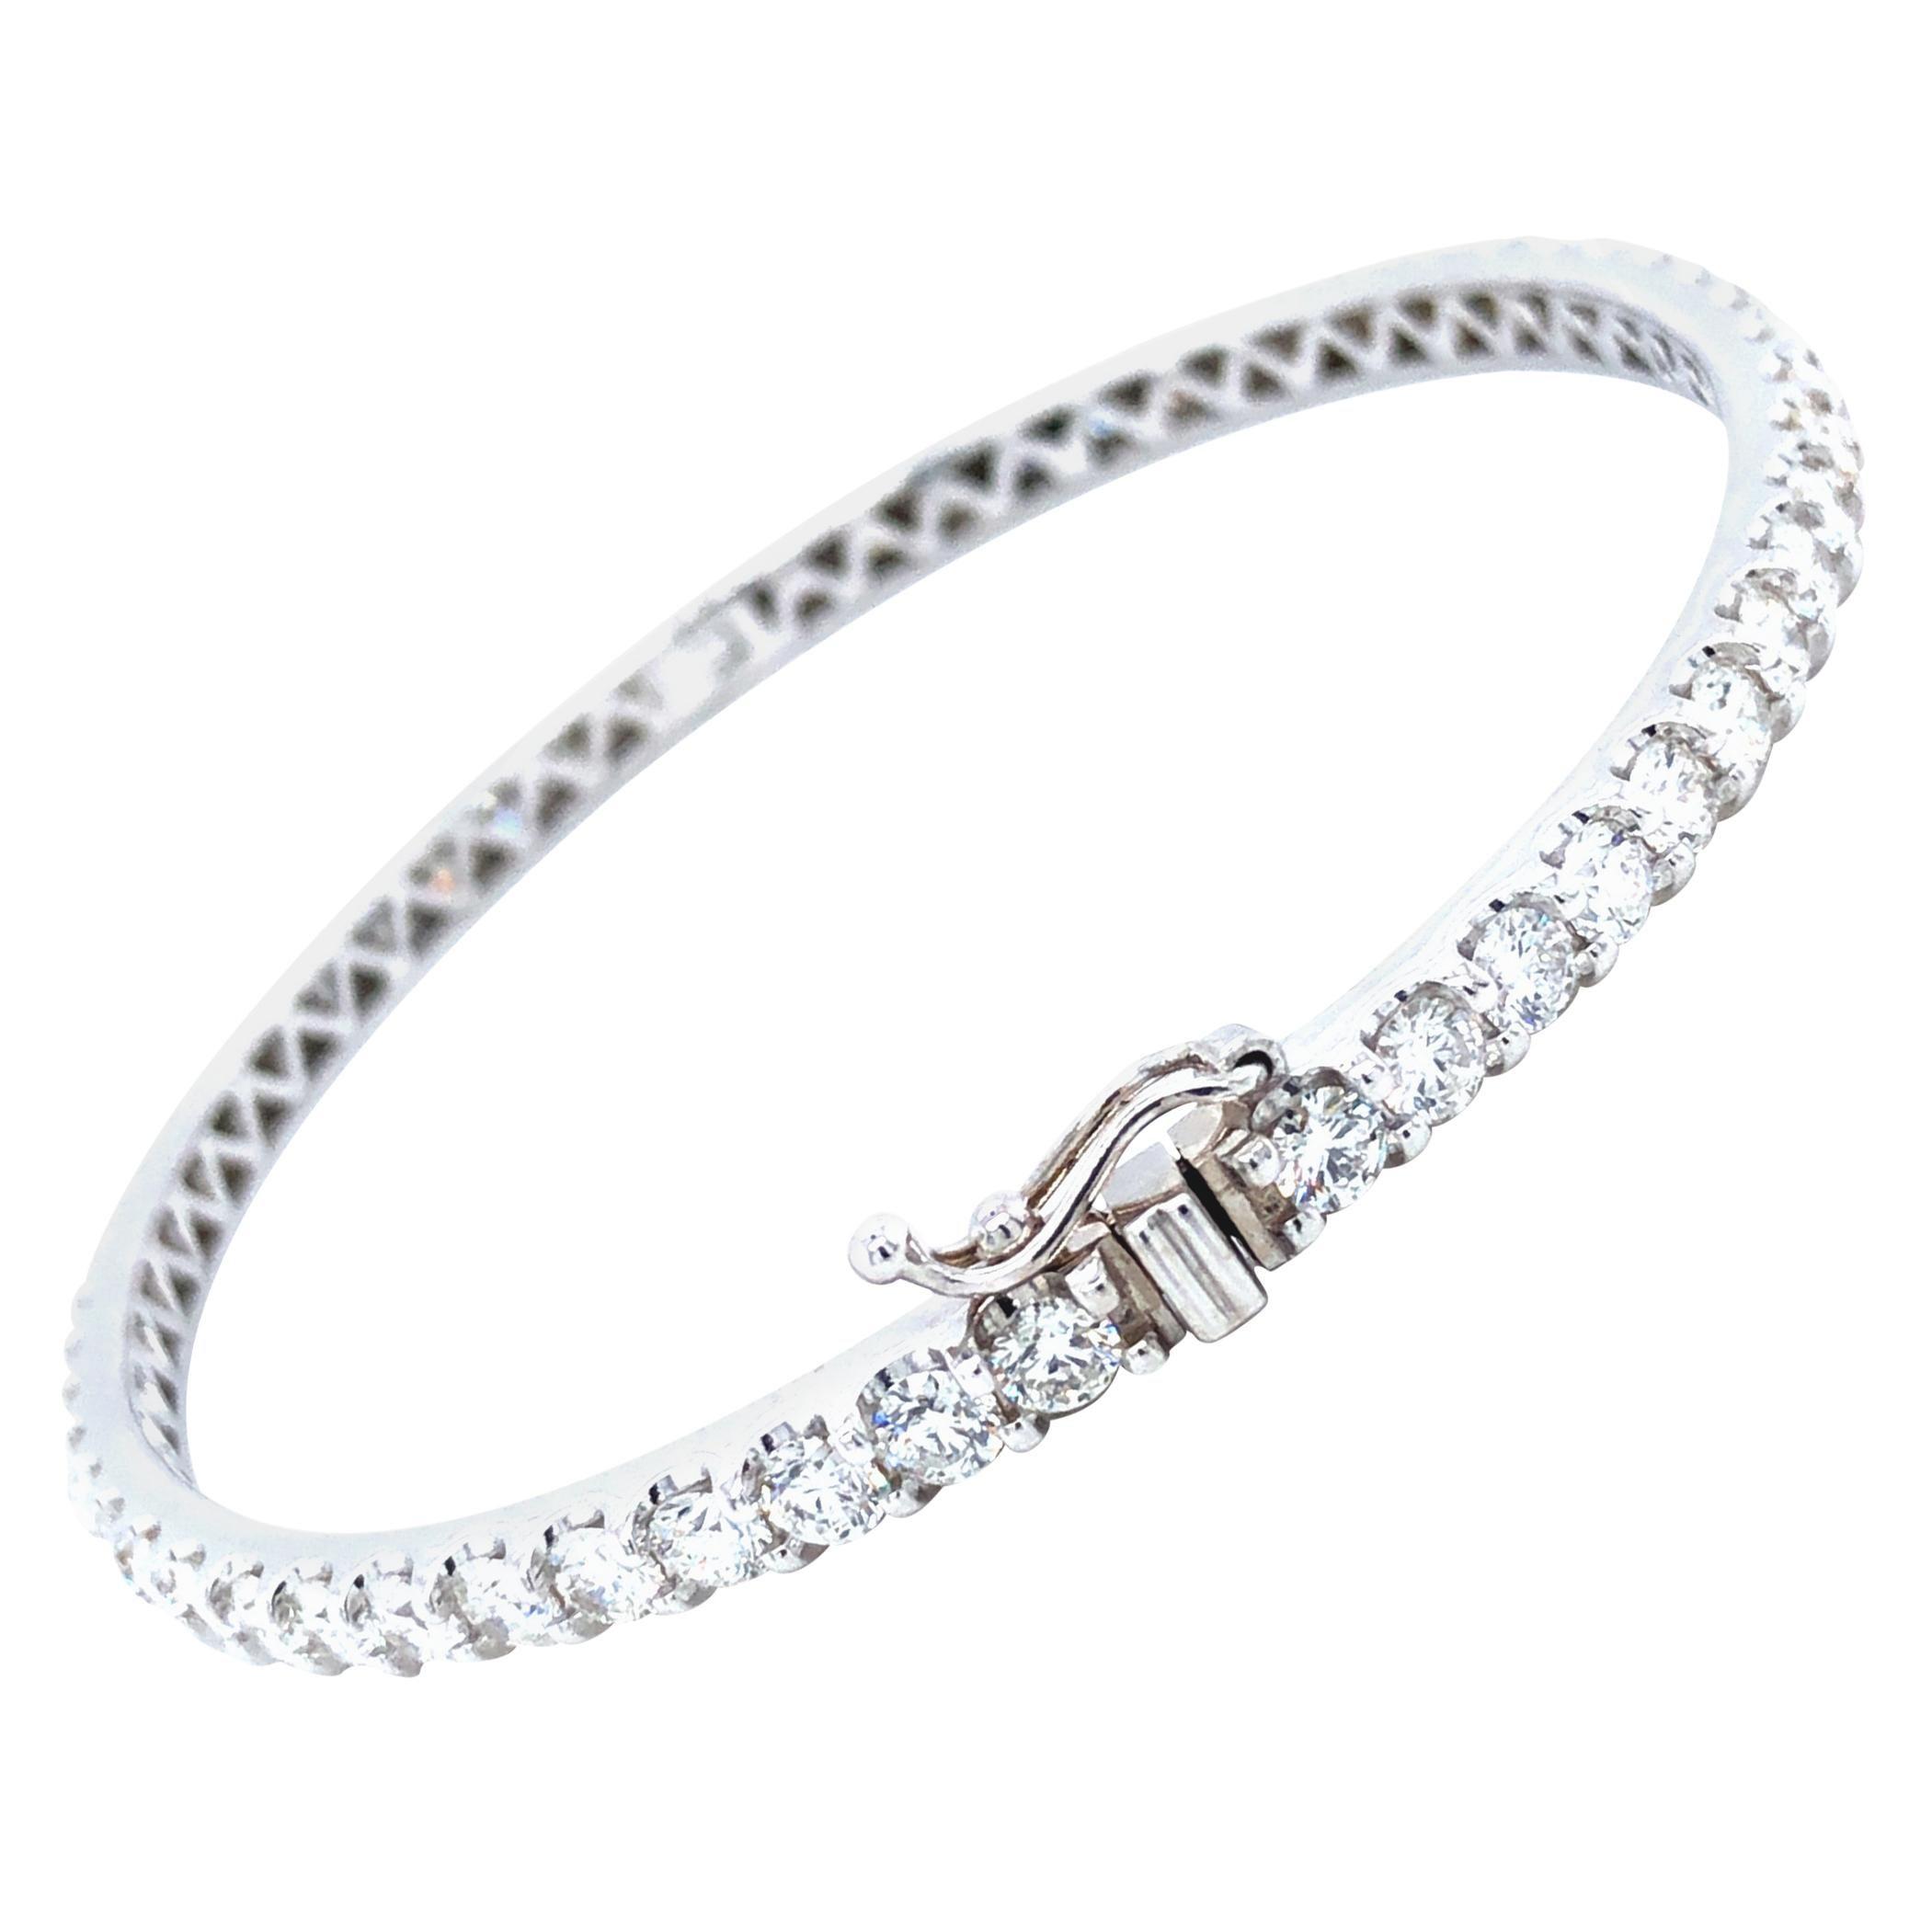 2.95 Carat Diamond Bangle 14 Karat White Gold